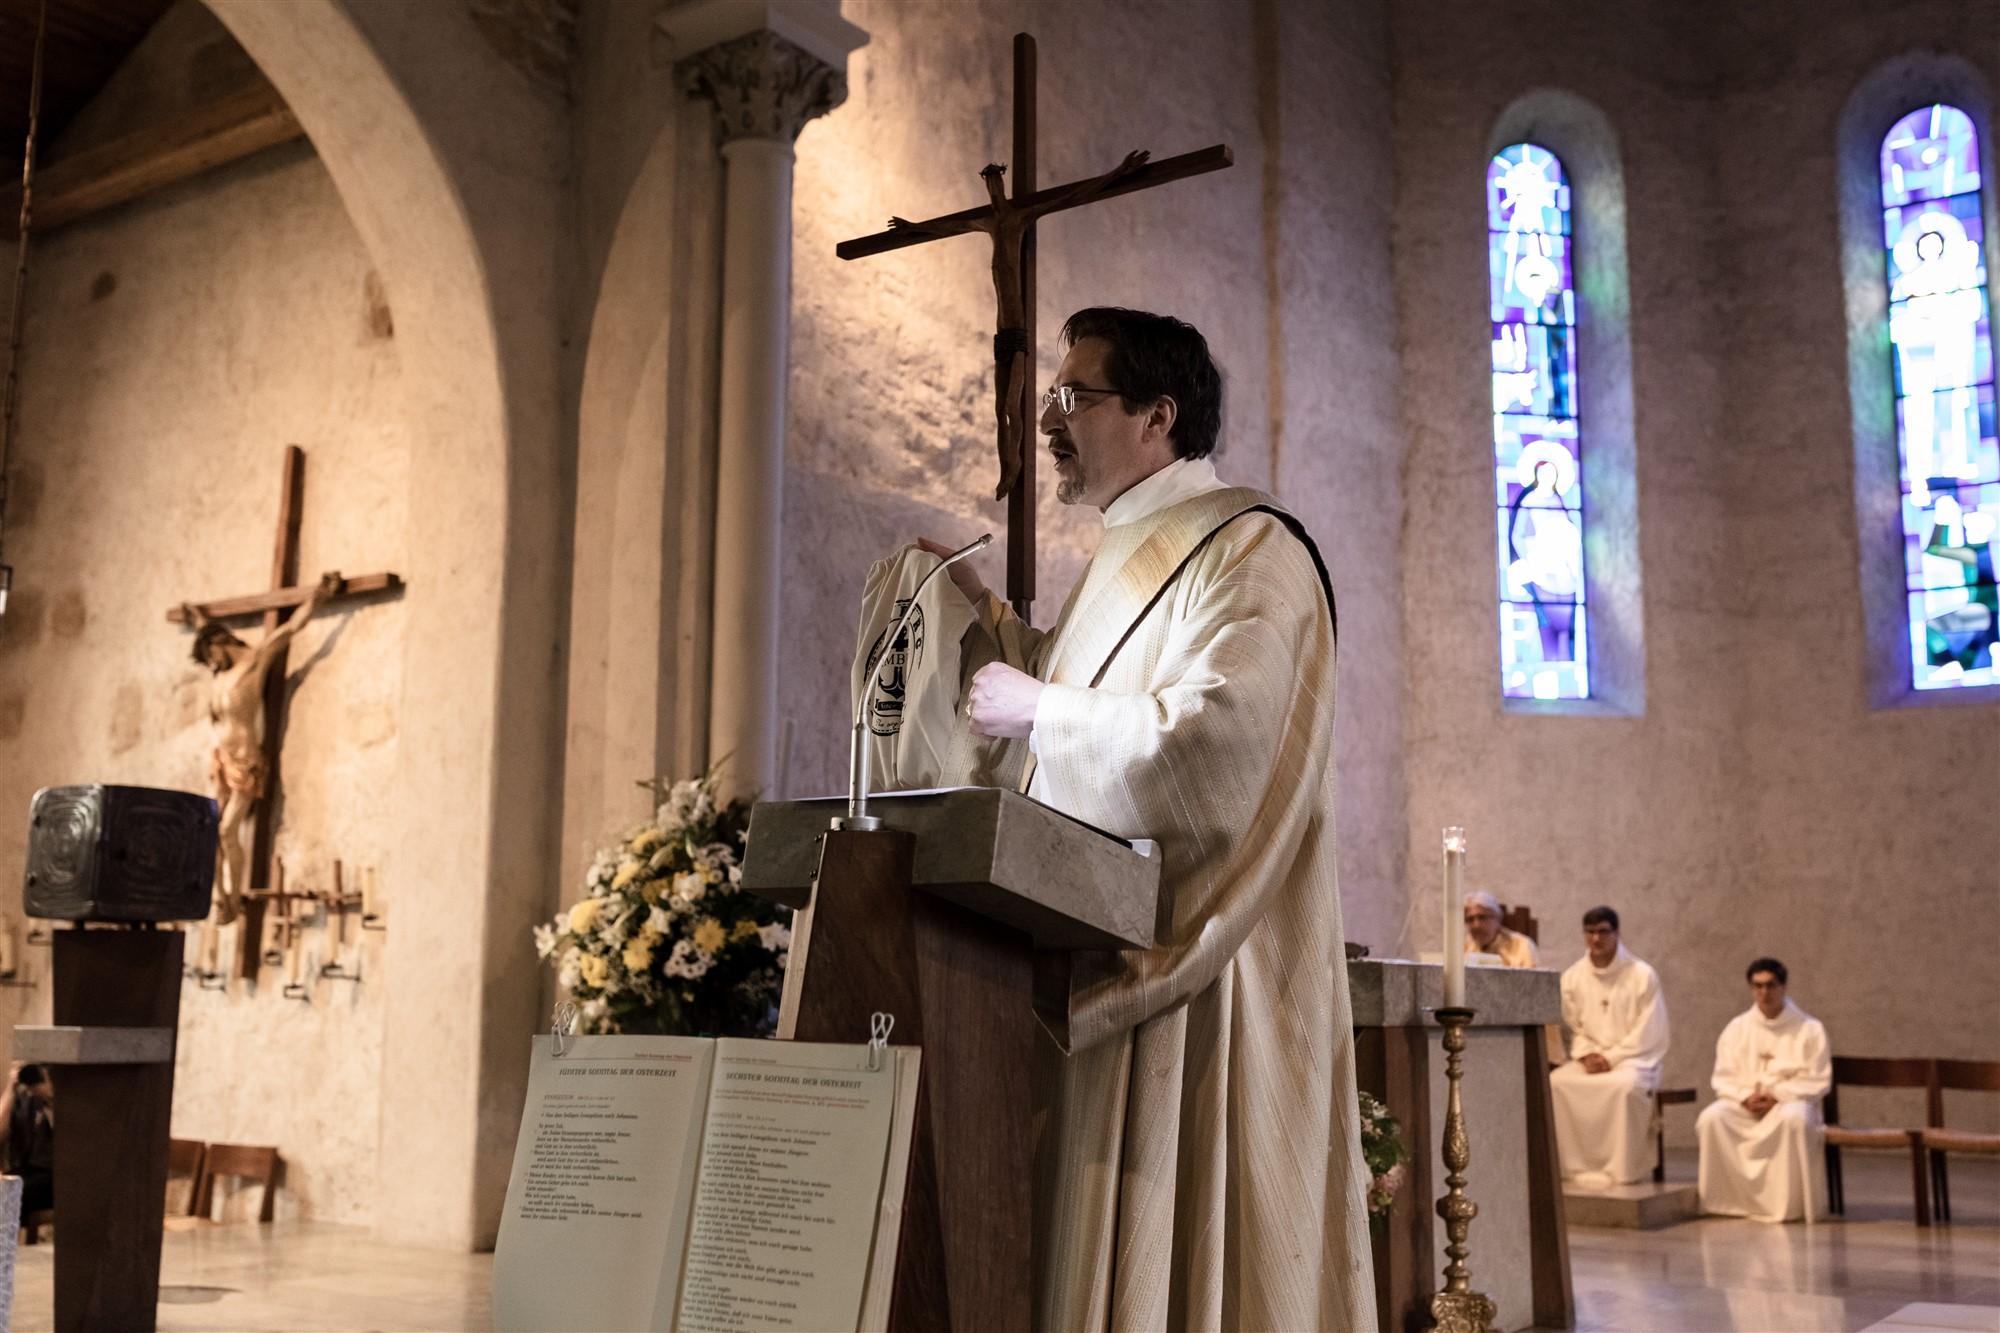 Der Pfarrer bei der Hochzeit in Oberwil